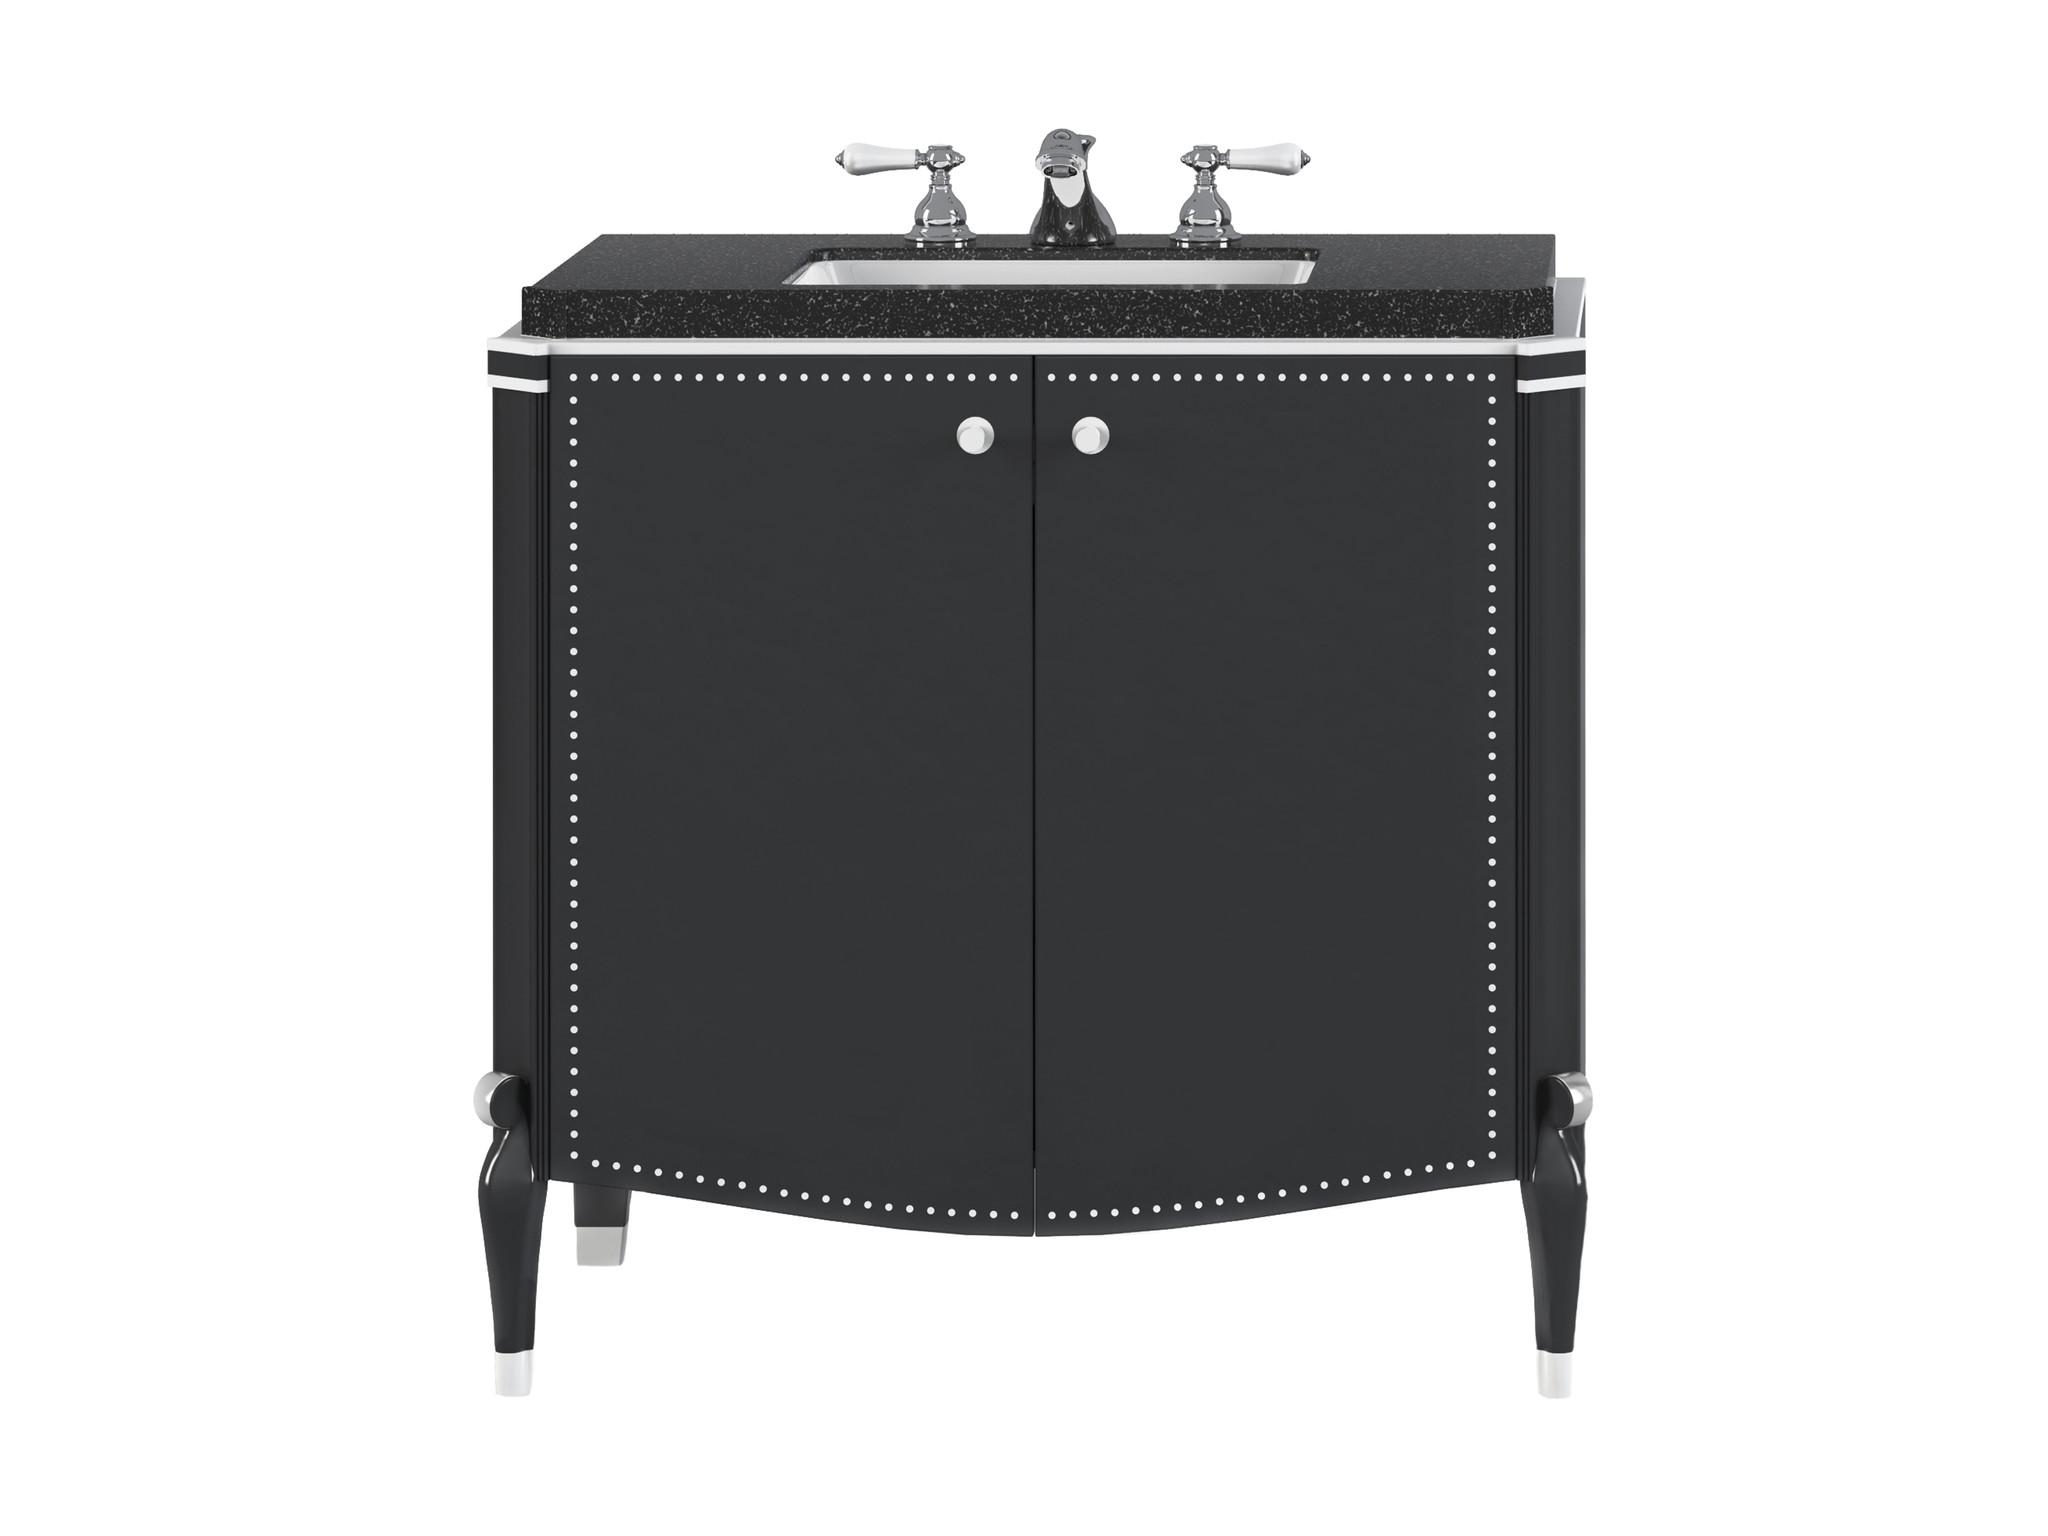 Тумба для раковины со столешницей RuhlmannТумбы для ванной<br>&amp;lt;div&amp;gt;Мебель не подвластная влиянию времени, чистые линии и изысканные геометрические формы, непоколебимое качество, выверенный и узнаваемый дизайн. Коллекция мебели RUHLMANN II OPAL - это история, искусно вплетенная в ткань современности. Коллекция посвящена Жаку-Эмилю Рульману выдающемуся французскому дизайнеру мебели и интерьеров. Яркому представителю направления ART DECO.&amp;amp;nbsp;&amp;lt;/div&amp;gt;&amp;lt;div&amp;gt;&amp;lt;br&amp;gt;&amp;lt;/div&amp;gt;&amp;lt;div&amp;gt;Раковина и смеситель приобретаются отдельно. &amp;amp;nbsp; &amp;amp;nbsp; &amp;amp;nbsp; &amp;amp;nbsp; &amp;amp;nbsp; &amp;amp;nbsp; &amp;amp;nbsp; &amp;amp;nbsp; &amp;amp;nbsp; &amp;amp;nbsp; &amp;amp;nbsp; &amp;amp;nbsp; &amp;amp;nbsp; &amp;amp;nbsp; &amp;amp;nbsp; &amp;amp;nbsp; &amp;amp;nbsp; &amp;amp;nbsp; &amp;amp;nbsp; &amp;amp;nbsp; &amp;amp;nbsp; &amp;amp;nbsp; &amp;amp;nbsp; &amp;amp;nbsp; &amp;amp;nbsp; &amp;amp;nbsp; &amp;amp;nbsp; &amp;amp;nbsp; &amp;amp;nbsp; &amp;amp;nbsp; &amp;amp;nbsp; &amp;amp;nbsp; &amp;amp;nbsp; &amp;amp;nbsp; &amp;amp;nbsp; &amp;amp;nbsp; &amp;amp;nbsp; &amp;amp;nbsp; &amp;amp;nbsp; &amp;amp;nbsp; &amp;amp;nbsp; &amp;amp;nbsp; &amp;amp;nbsp; &amp;amp;nbsp; &amp;amp;nbsp; &amp;amp;nbsp; &amp;amp;nbsp; &amp;amp;nbsp; &amp;amp;nbsp; &amp;amp;nbsp; &amp;amp;nbsp; &amp;amp;nbsp; &amp;amp;nbsp; &amp;amp;nbsp; &amp;amp;nbsp; &amp;amp;nbsp; &amp;amp;nbsp; &amp;amp;nbsp; &amp;amp;nbsp; &amp;amp;nbsp; &amp;amp;nbsp; &amp;amp;nbsp; &amp;amp;nbsp; &amp;amp;nbsp; &amp;amp;nbsp; &amp;amp;nbsp; &amp;amp;nbsp; &amp;amp;nbsp;&amp;amp;nbsp;&amp;lt;/div&amp;gt;&amp;lt;div&amp;gt;Корпус мебели выполнен из МДФ с влагостойкой пропиткой (Италия), ножки из массива бука.&amp;amp;nbsp;&amp;lt;/div&amp;gt;&amp;lt;div&amp;gt;Столешница искусственный камень (Corian). Фурнитура BLUM (Австрия) &amp;amp;nbsp;&amp;lt;/div&amp;gt;&amp;lt;div&amp;gt;Столешница имеет отверстие под смеситель и отверстие под рак